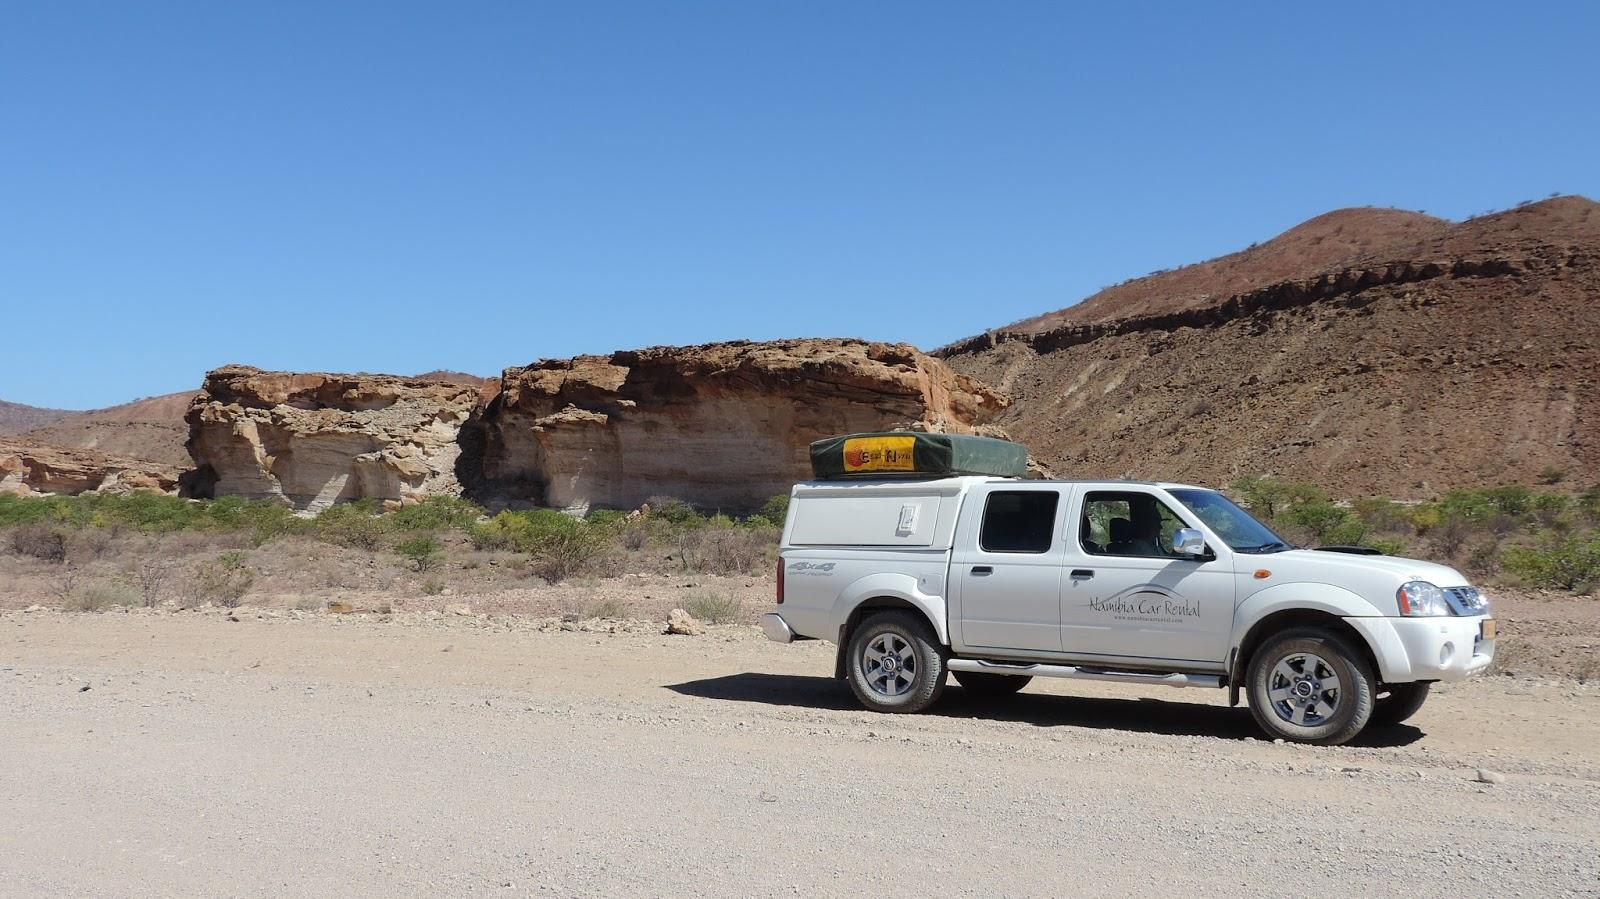 Namibia car rental 4x4 camping